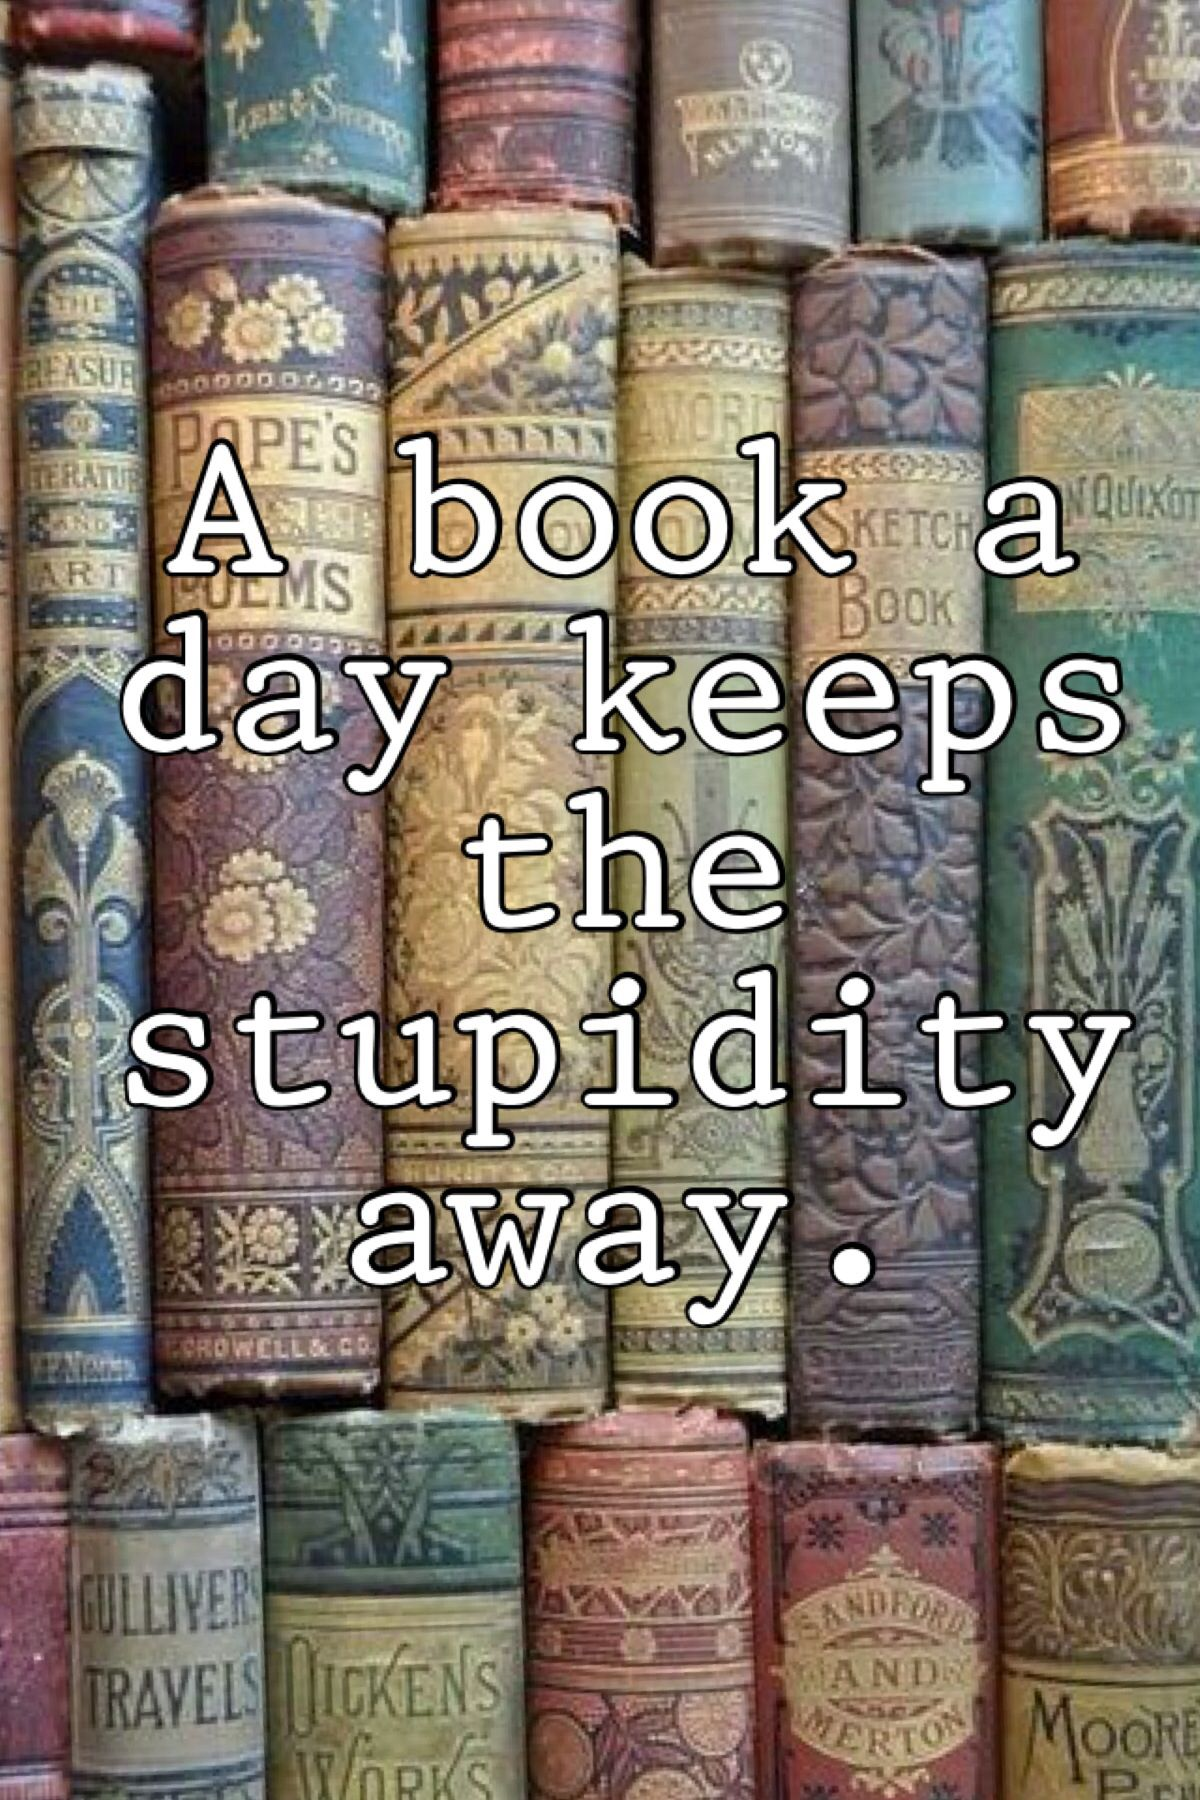 Citaten Over Boeken Lezen : A book day keeps stupidity away citaten mooie woorden